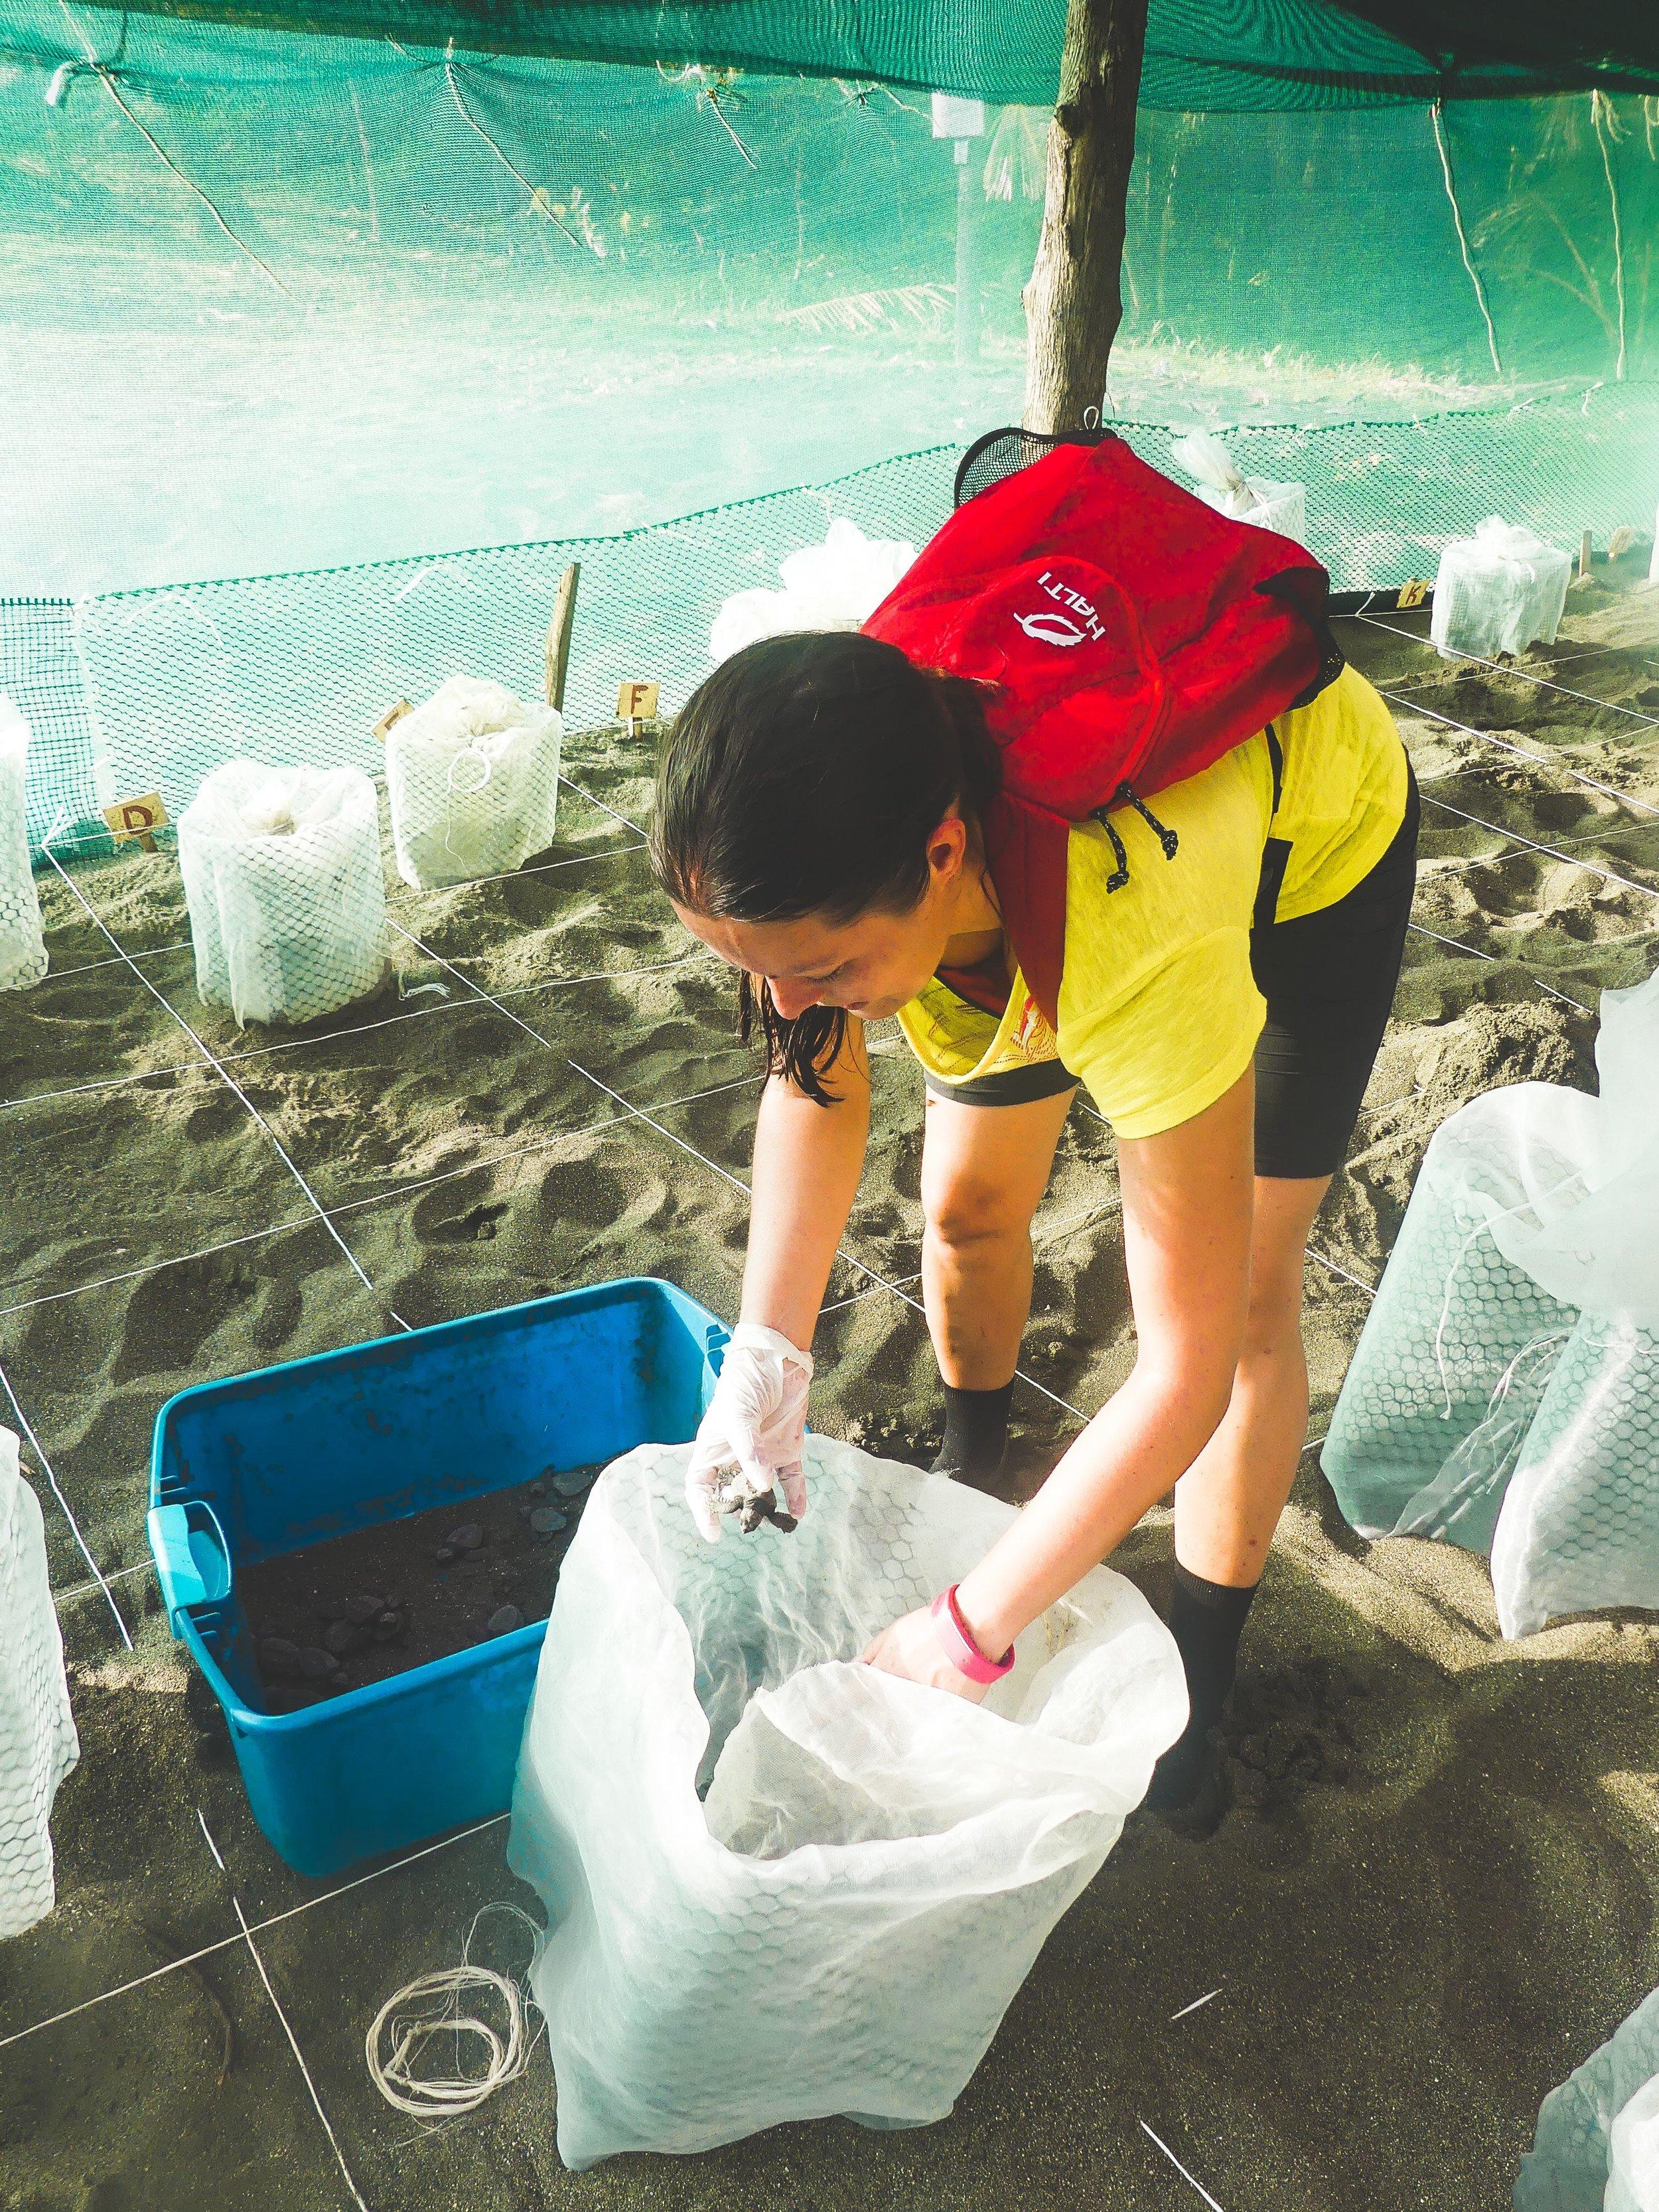 merikilpikonnien suojelu.jpg